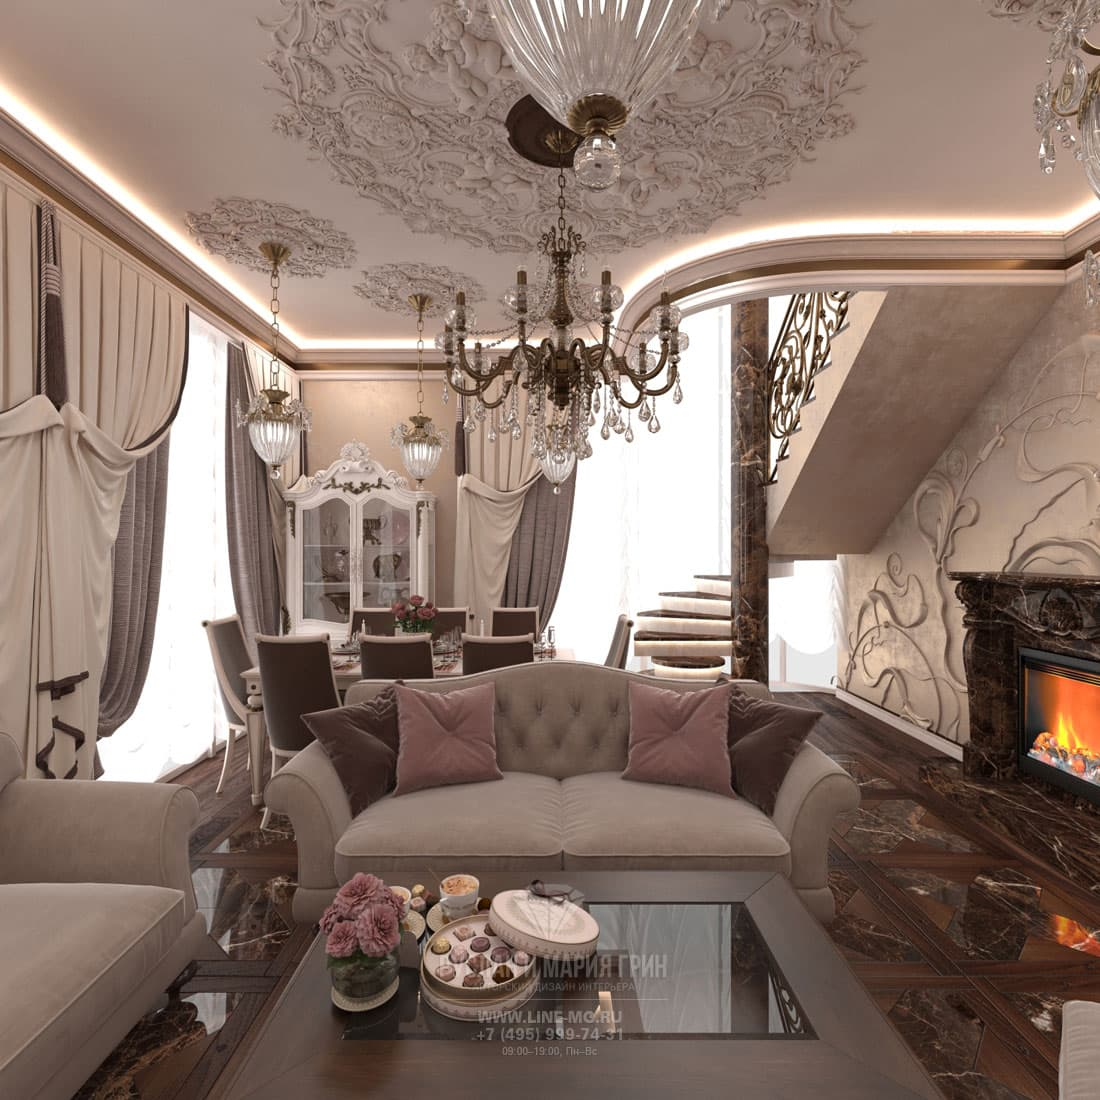 Дизайн интерьера гостиной загородного коттеджа в классическом стиле